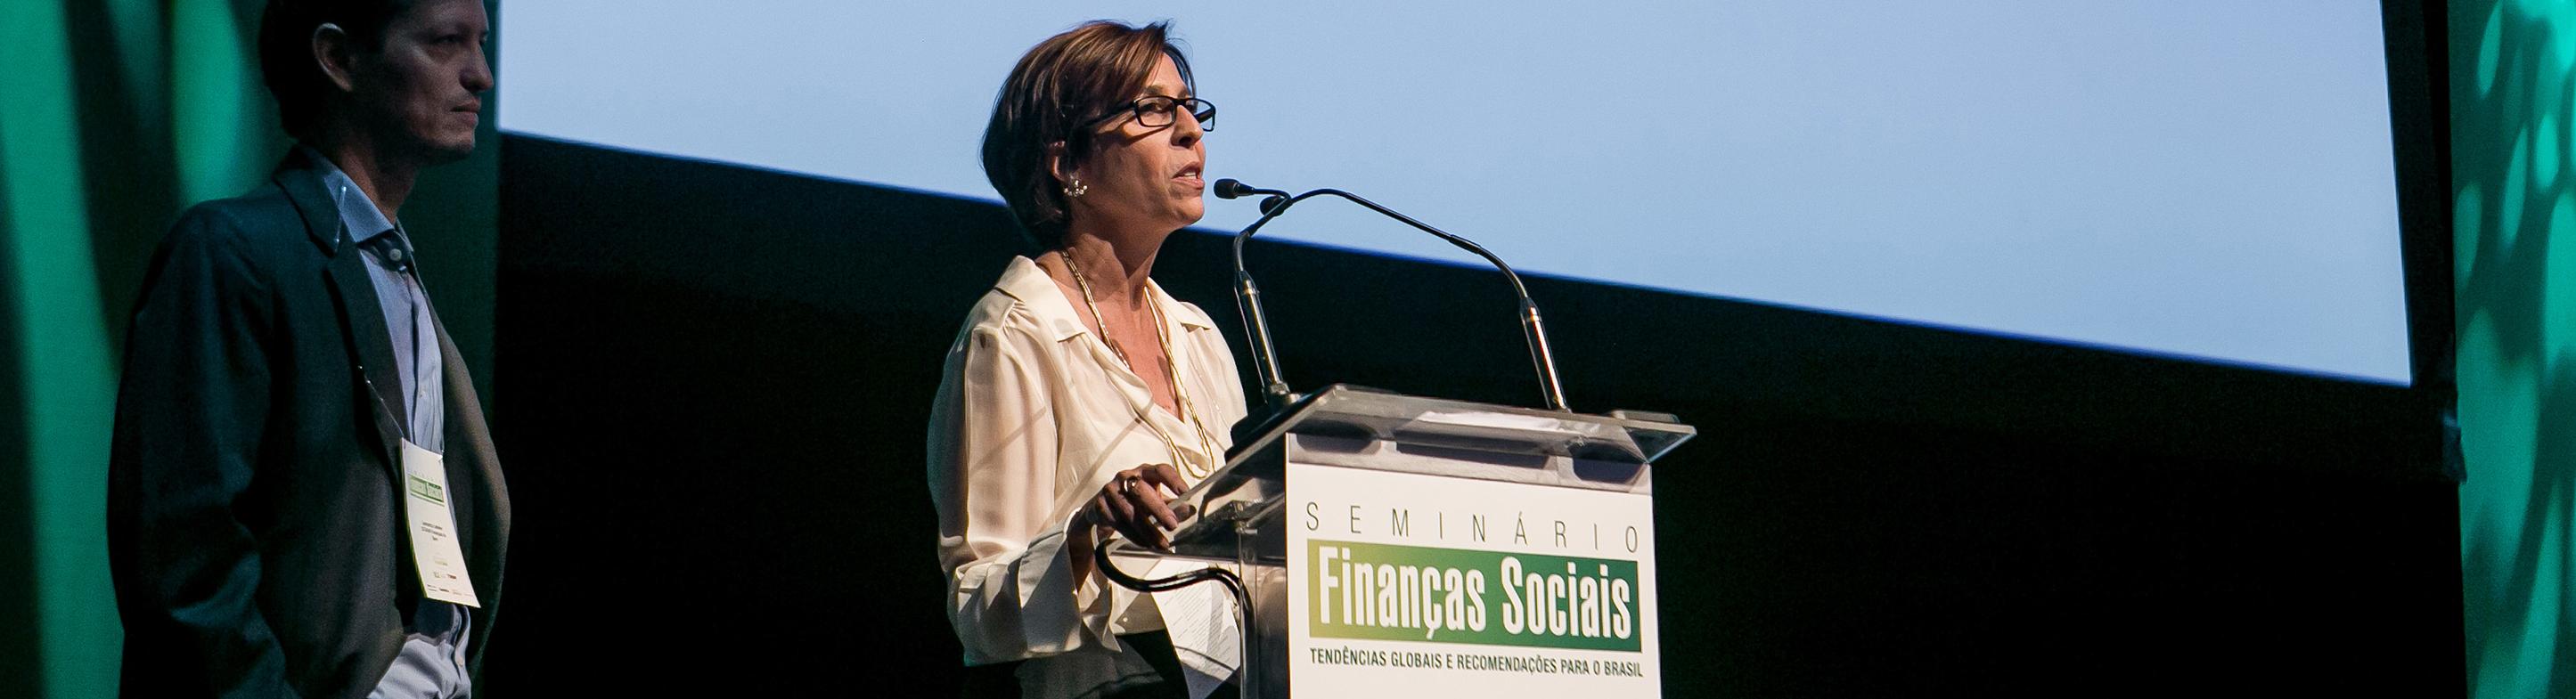 São Paulo, 14 de outubro de 2015: Seminário Finanças Sociais no Instituto Tomie Ohtake.